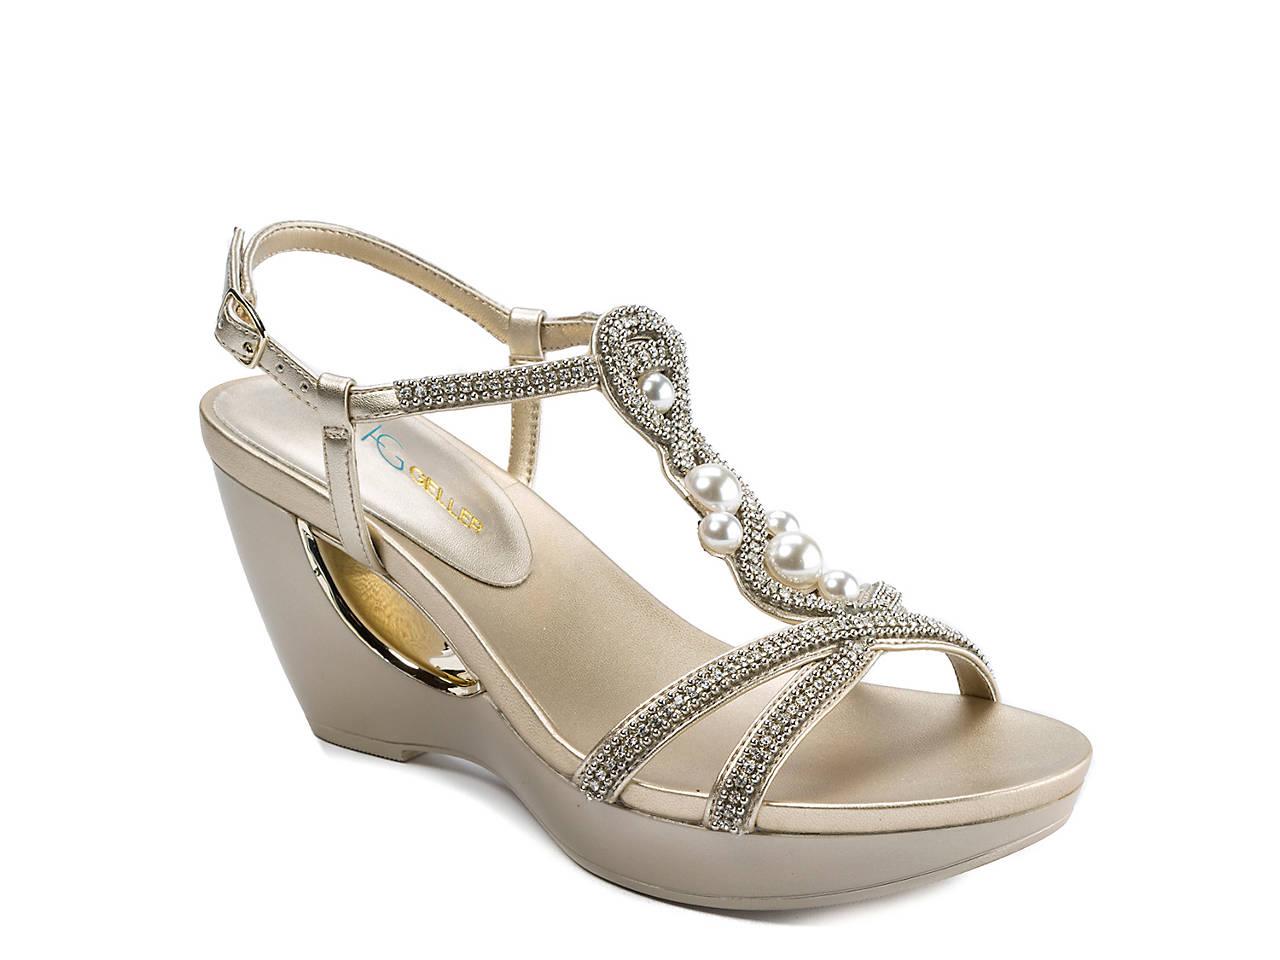 9a8e34ff18070 Andrew Geller Allisandra Wedge Sandal Women s Shoes